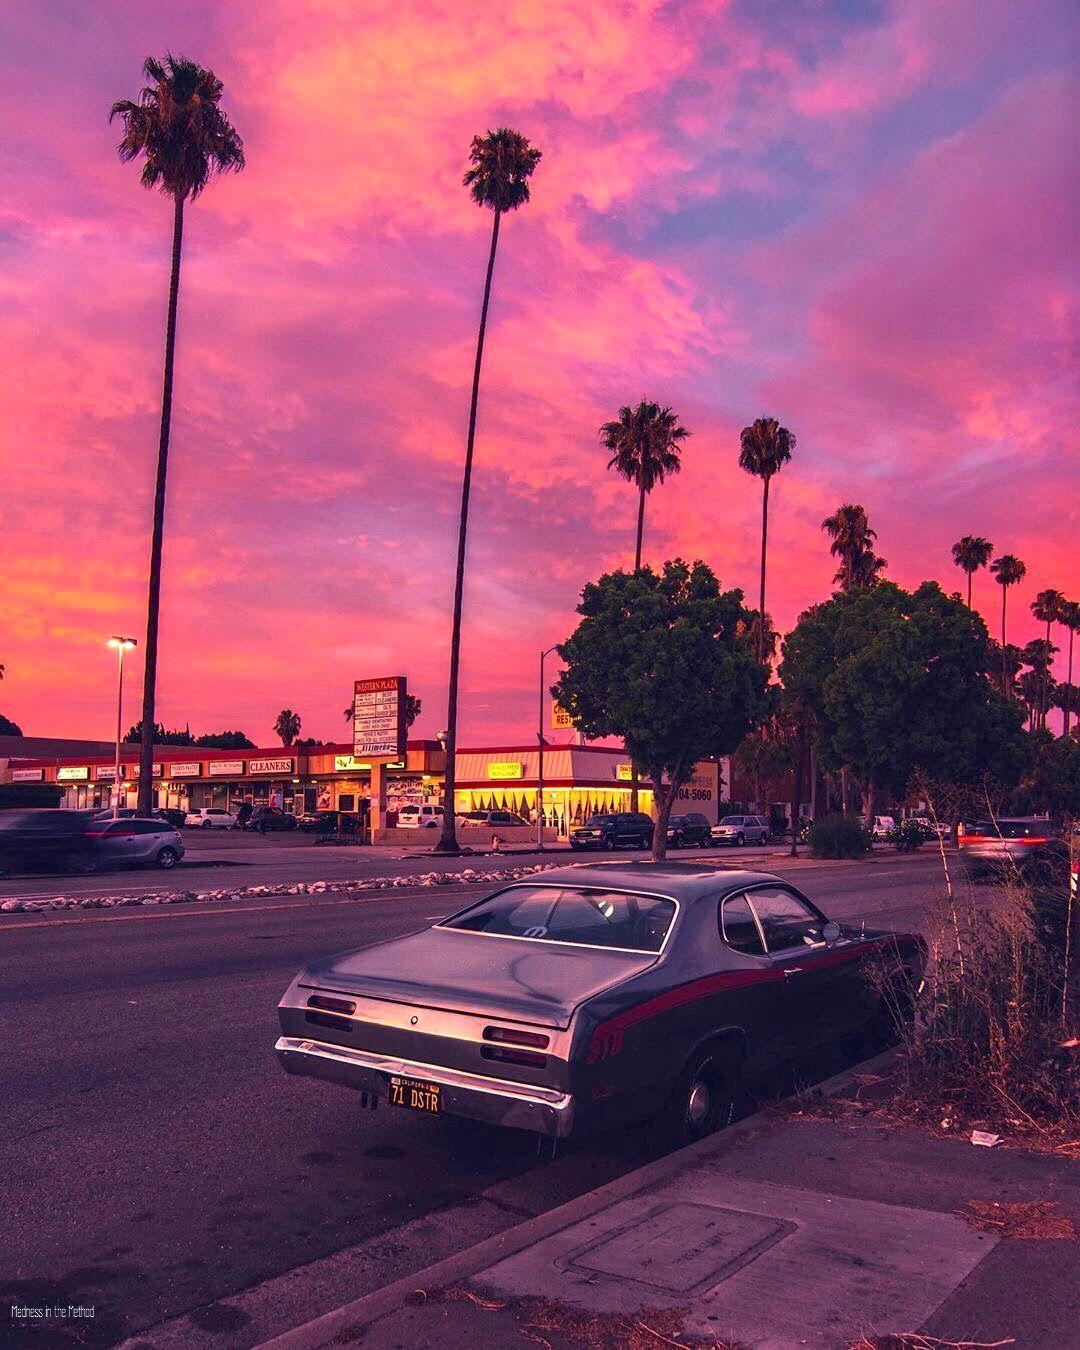 Sunset Sunrise I 2020 Seje Billeder Baggrunde Baggrund